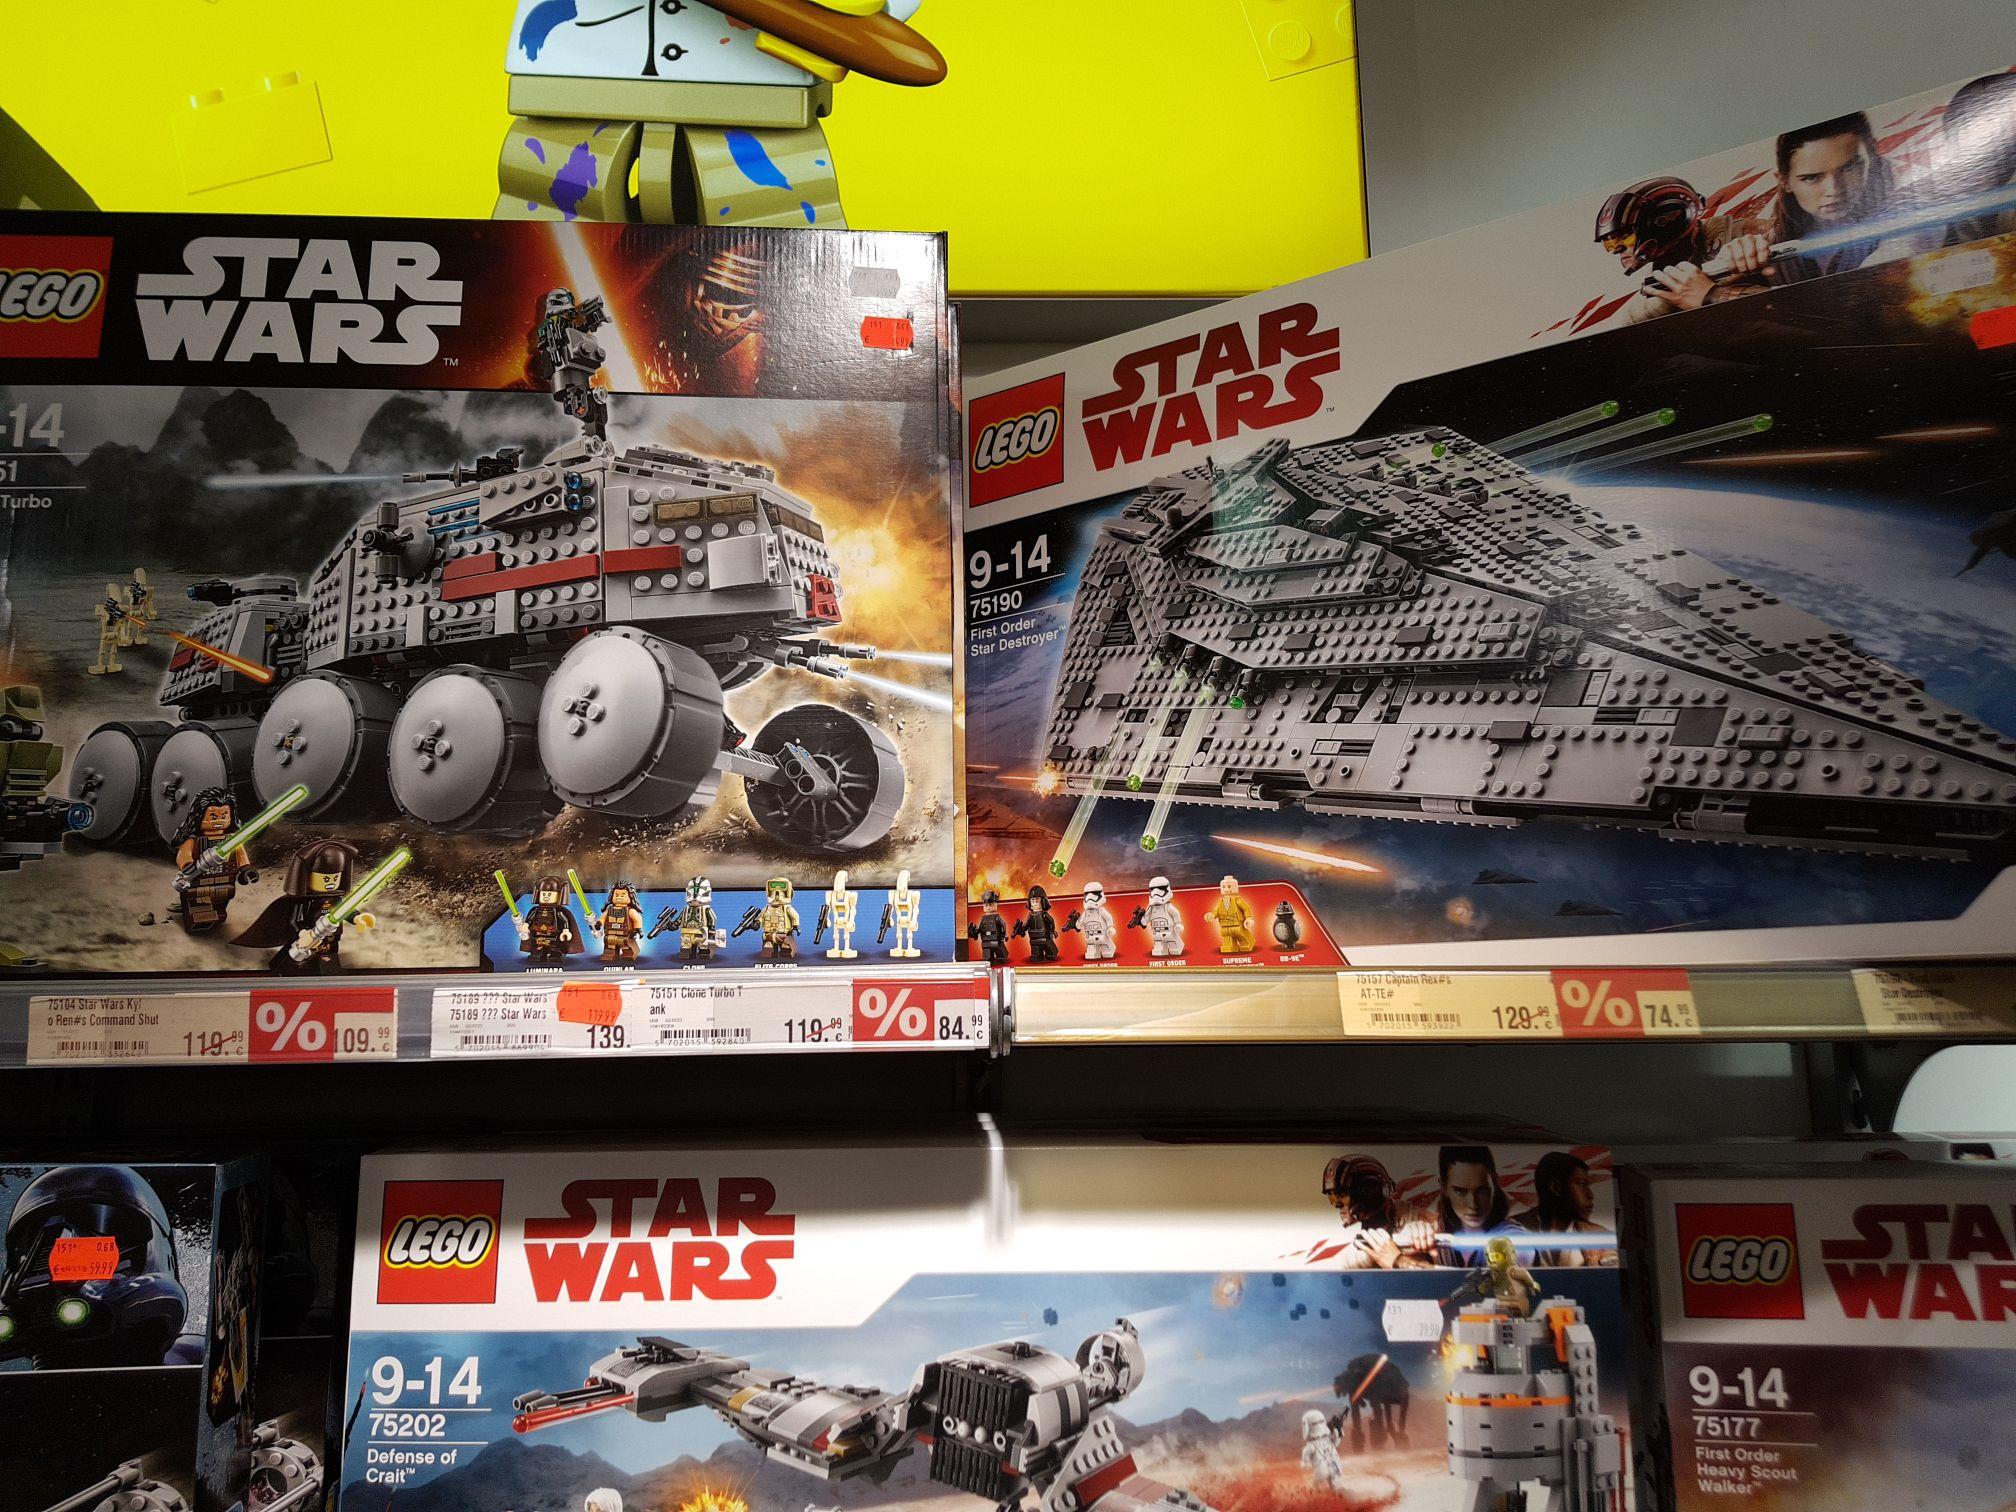 [lokal Hannover]Karstadt Sports verschiedene Lego Star Wars Sets im Angebot bspw. Clone Turbo Tank 84,99€ oder Captain Rex AT-TE für 74,99€